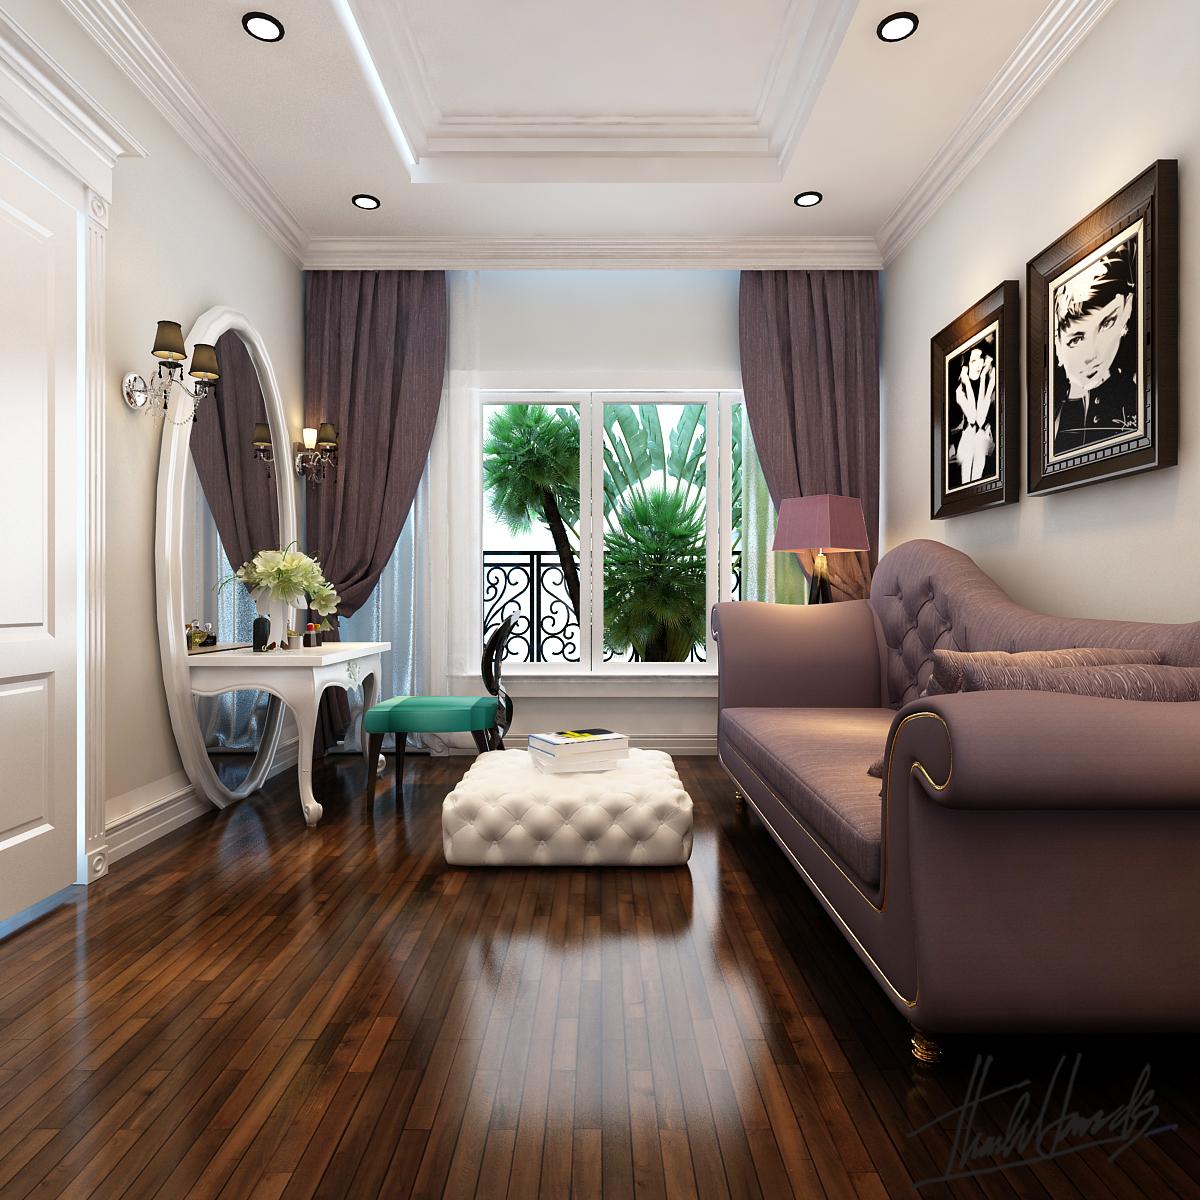 thiết kế nội thất Biệt Thự tại Hà Nội Biệt thự - Việt Hưng  18 1568273824